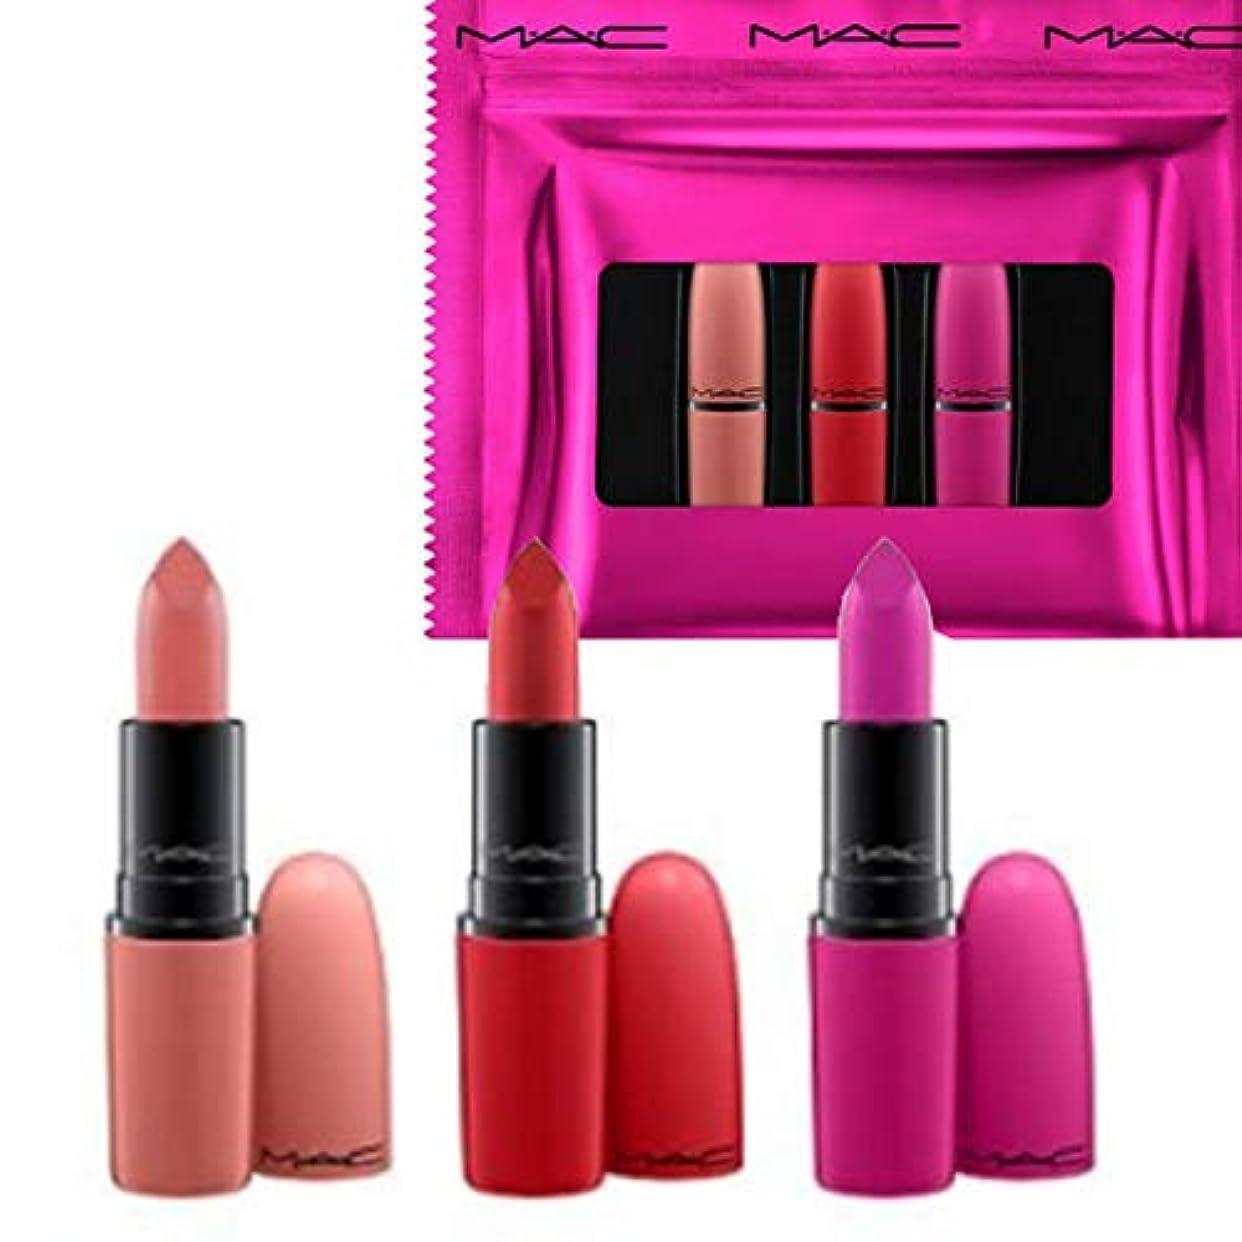 亡命インサートに向けて出発M.A.C ?マック, Limited Edition 限定版, 3-Pc. Shiny Pretty Things Lip Set - Russian Red/Kinda Sexy/Flat Out Fabulous...